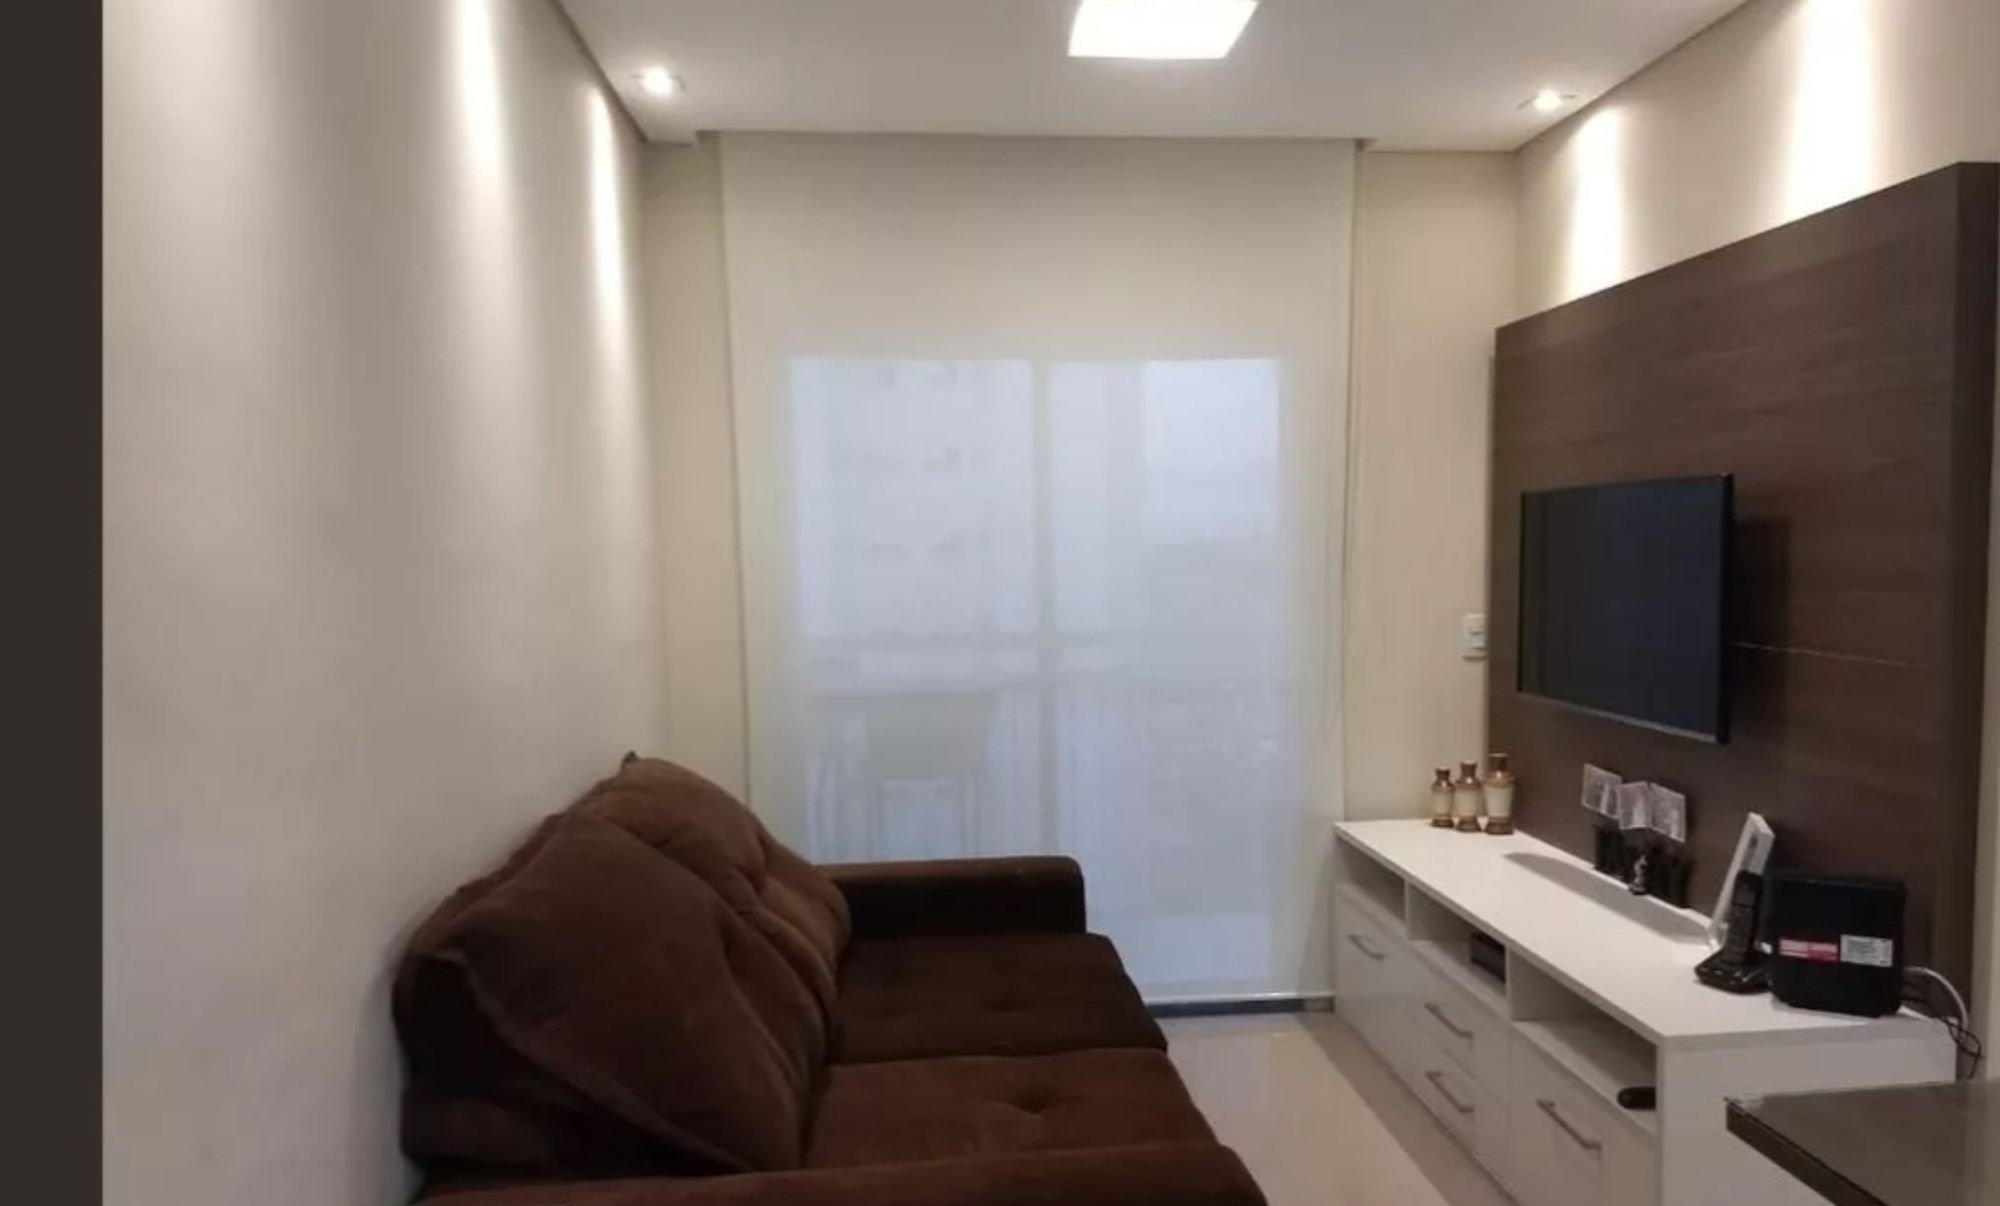 Foto de Sala com sofá, televisão, pia